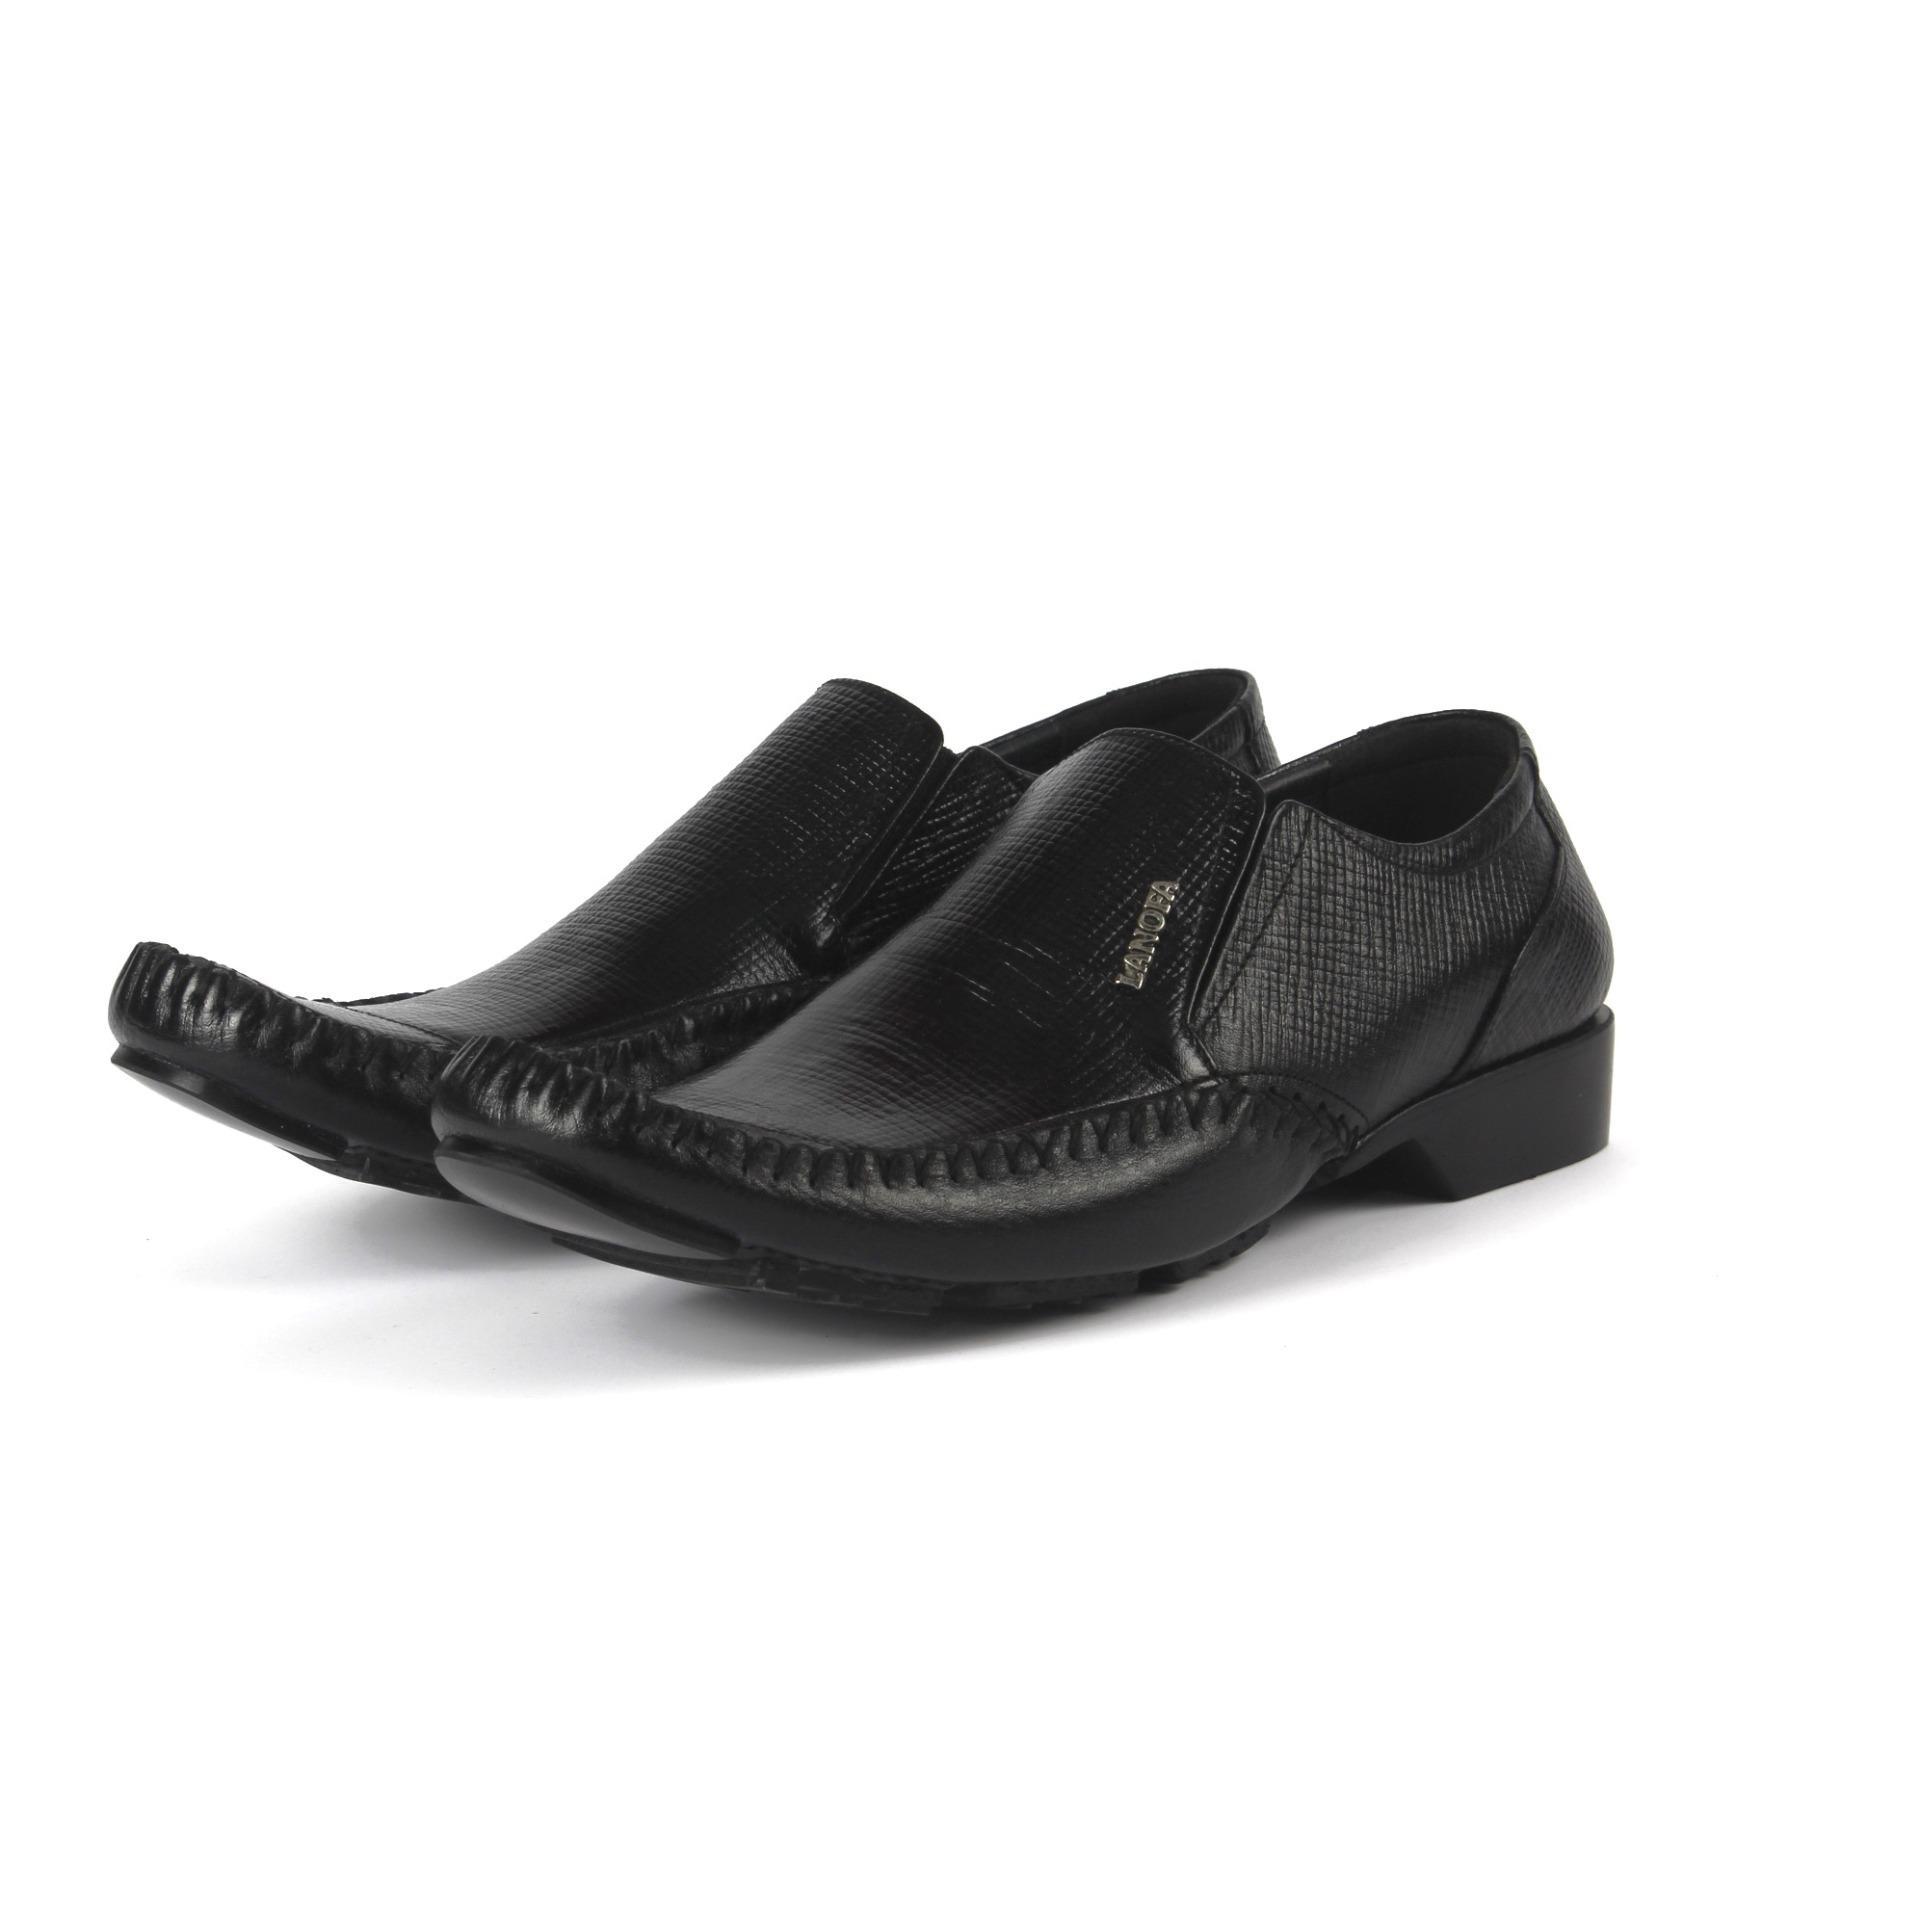 Sepatu Kulit Pantofel Pria LANOFA 1157 Kulit Sapi Asli Terbaik Di Jakarta